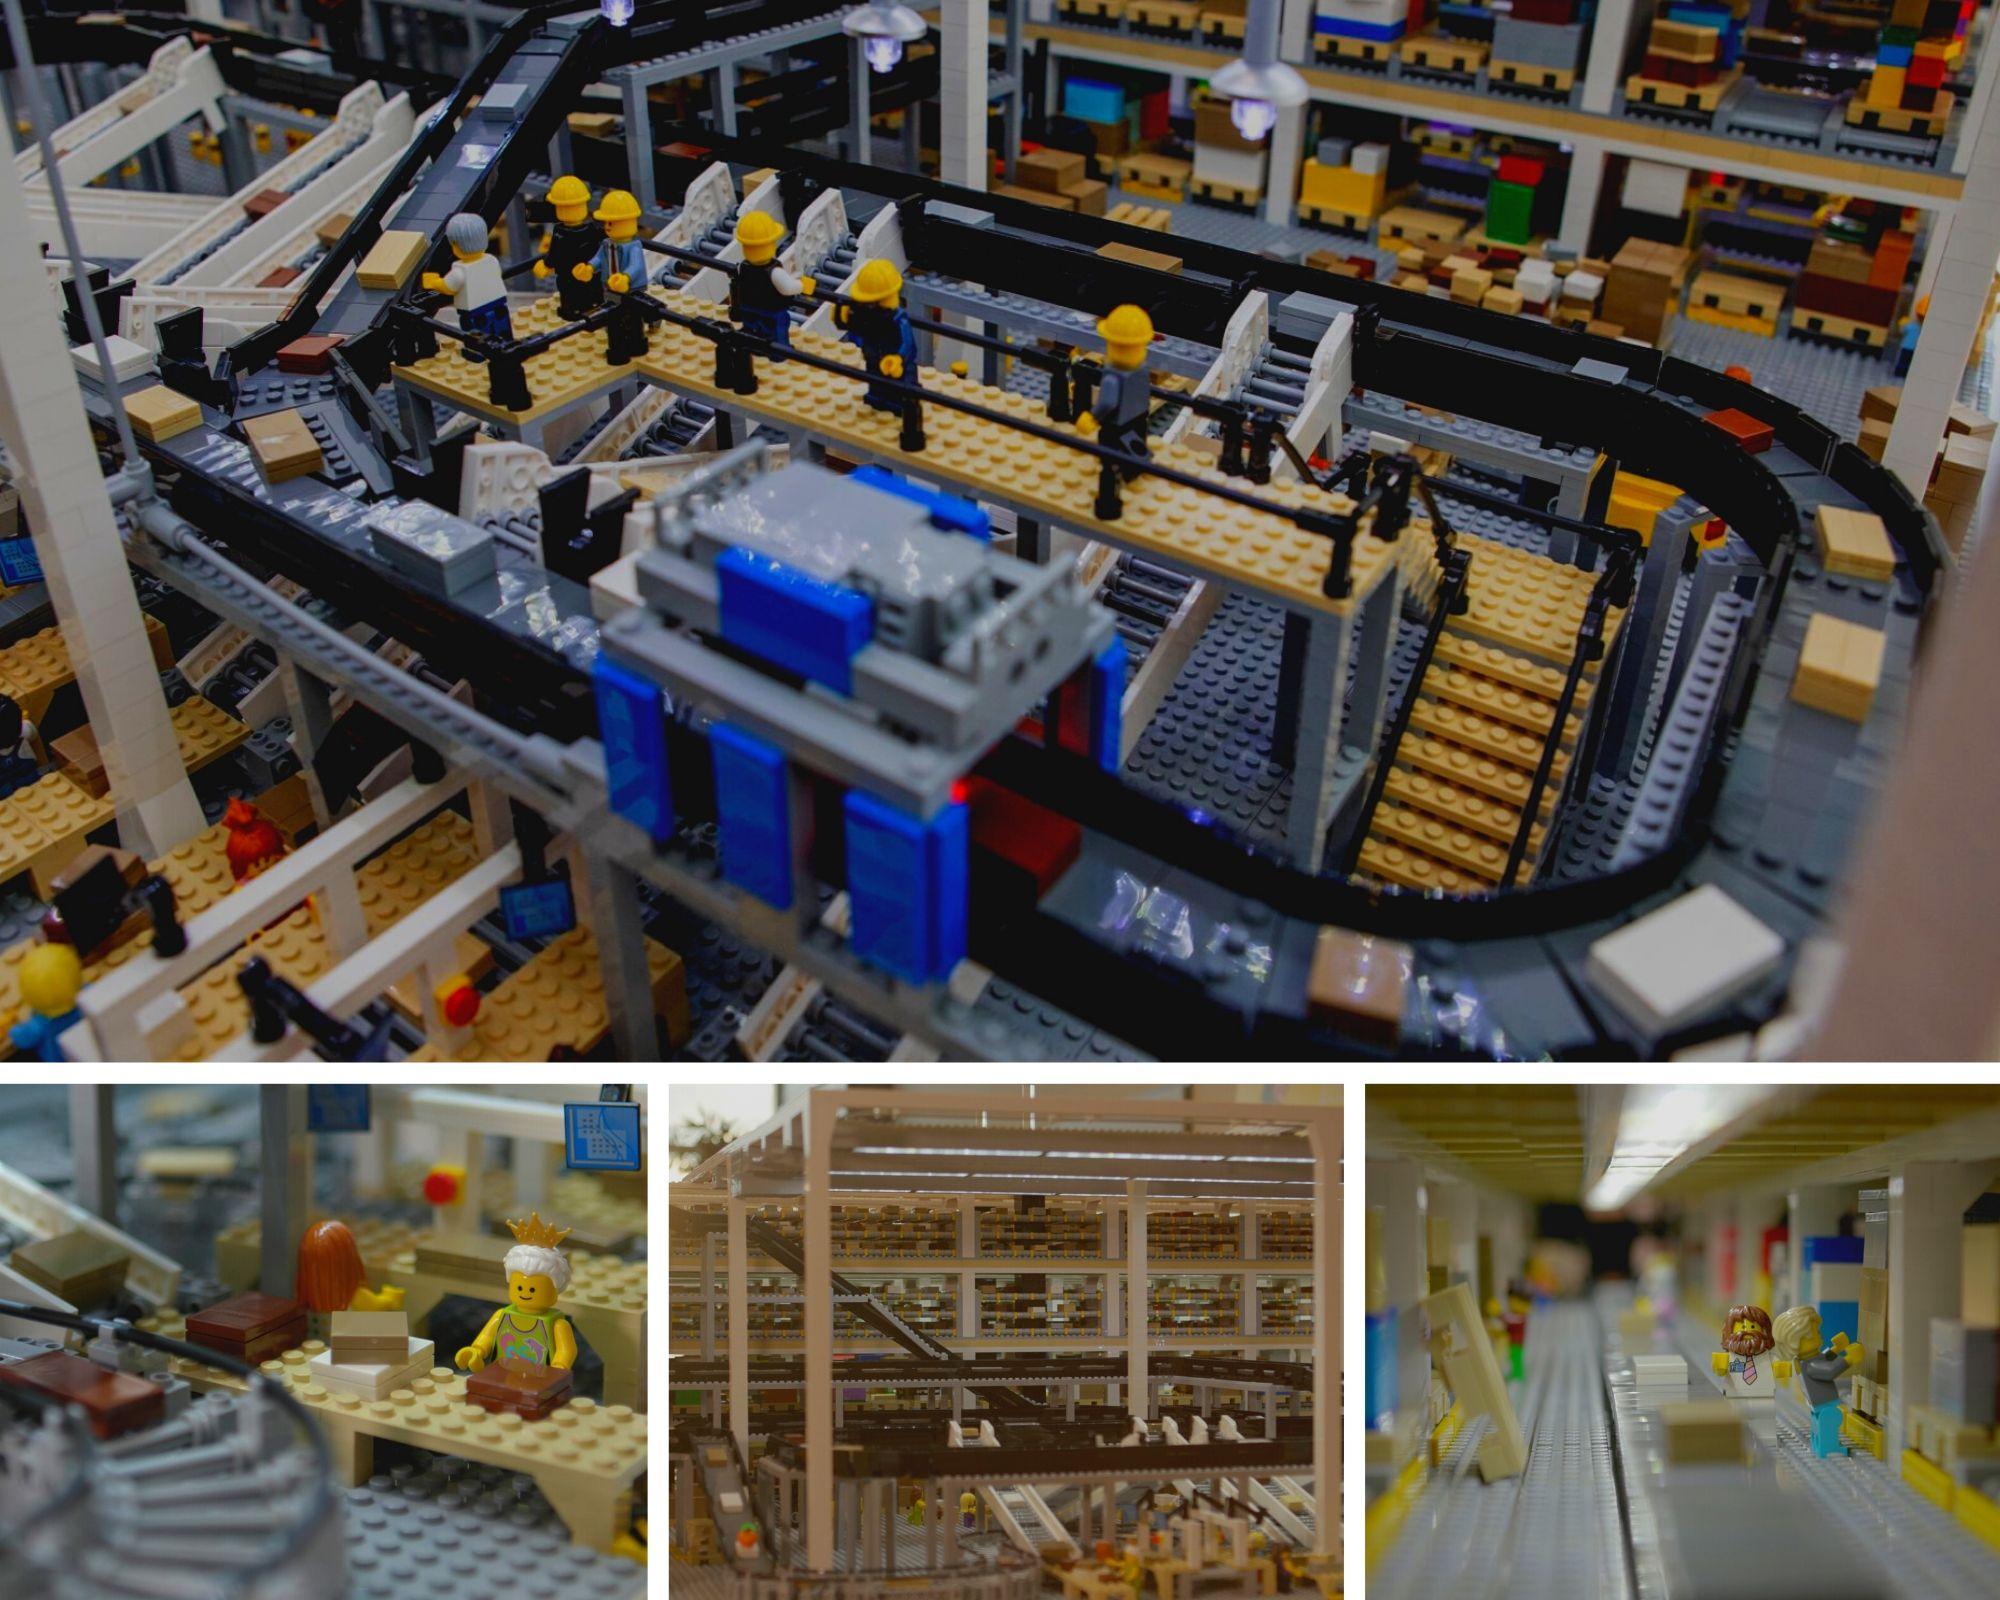 El flujo de materiales de Interroll perfectamente reproducido en miniatura con piezas de LEGO®